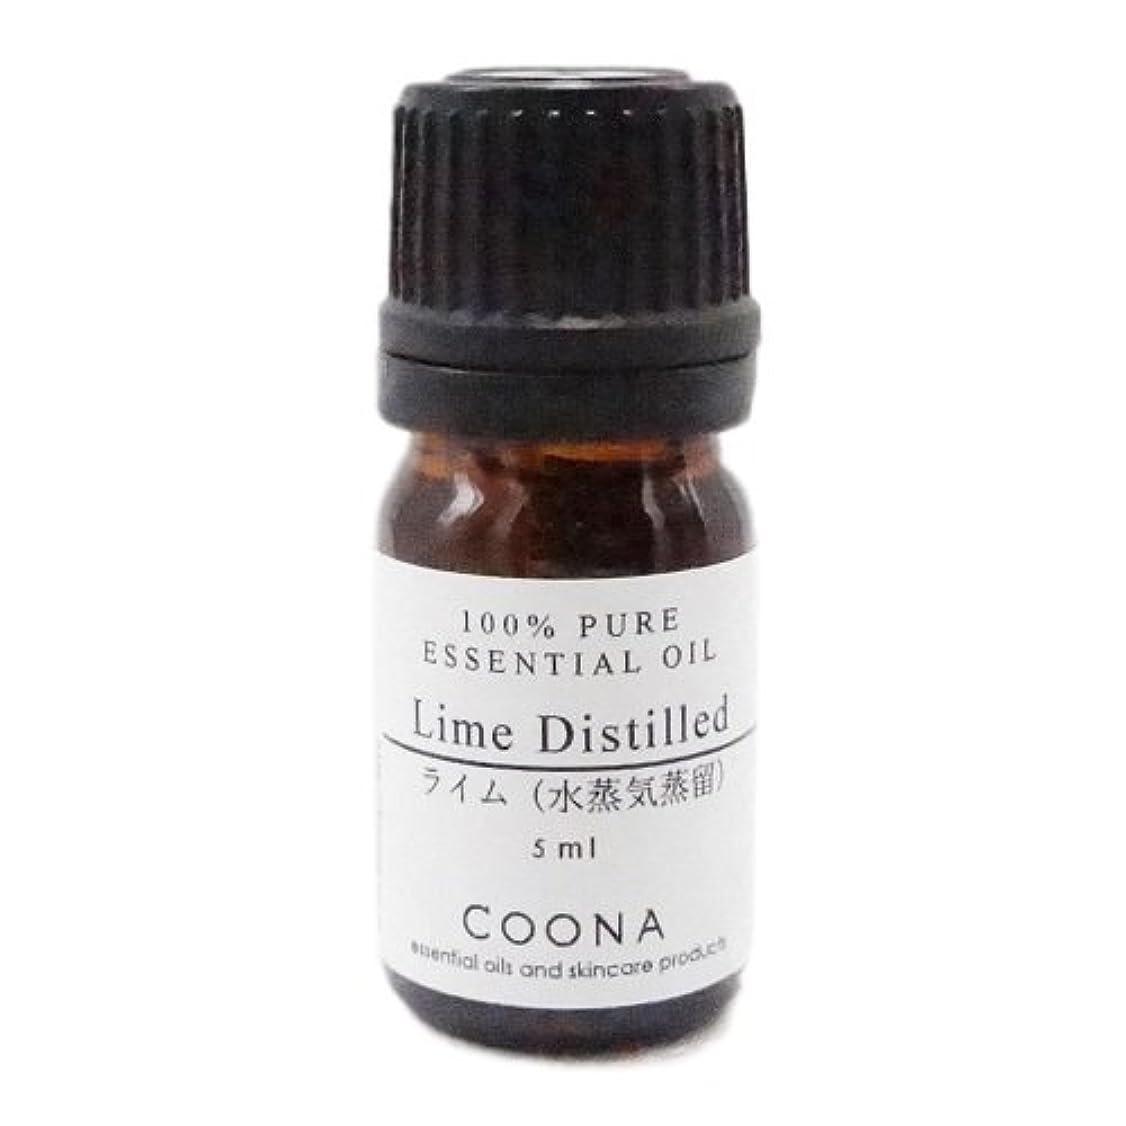 半導体良心的避難ライム 水蒸気蒸留 5 ml (COONA エッセンシャルオイル アロマオイル 100%天然植物精油)